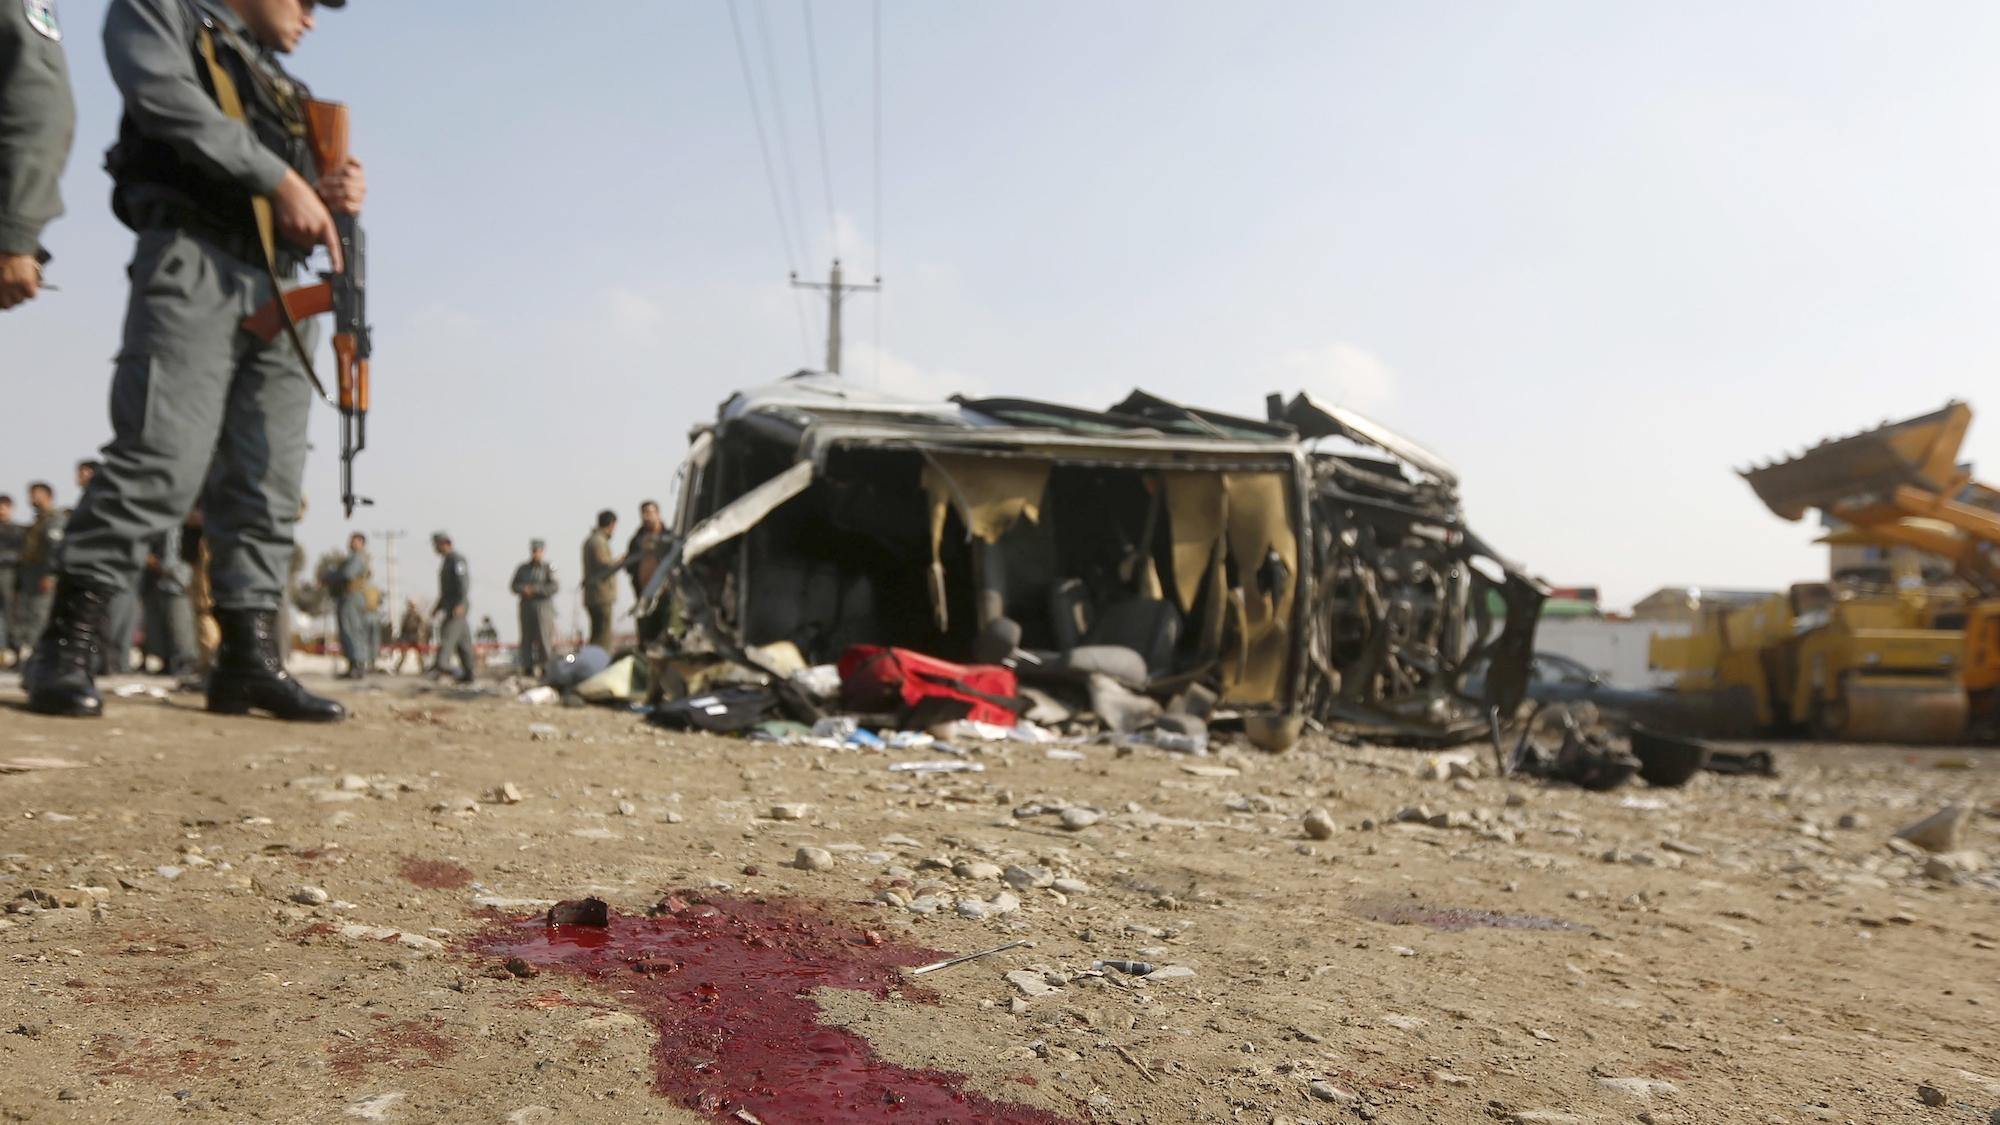 Zahl ziviler Opfer erreicht Höchststand